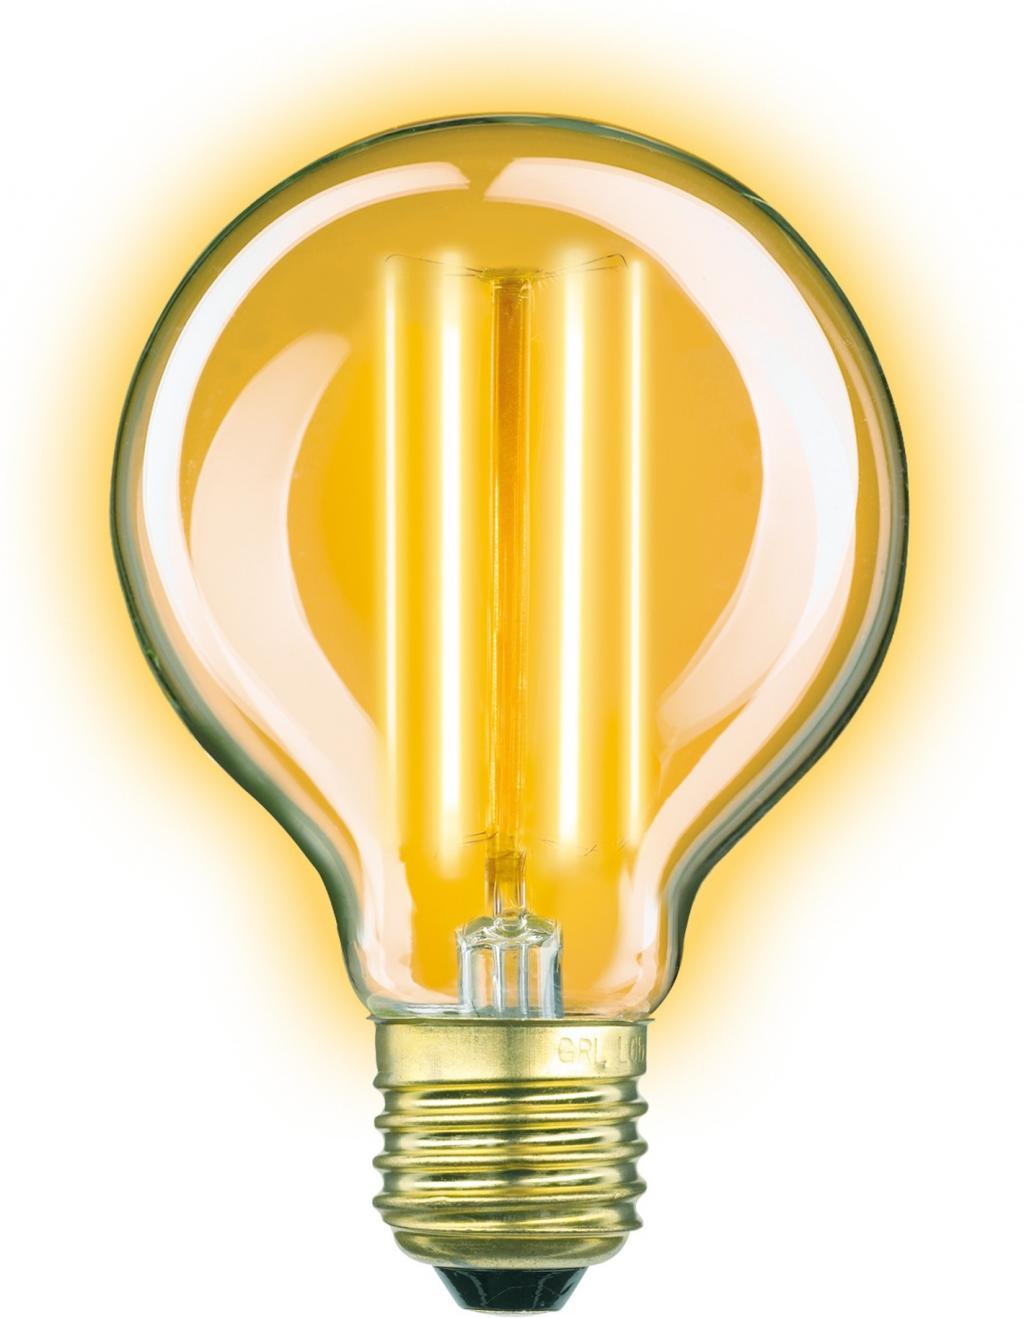 Lichtbron Classic Gold Globe Helder KS Verlichting - LiL.nl